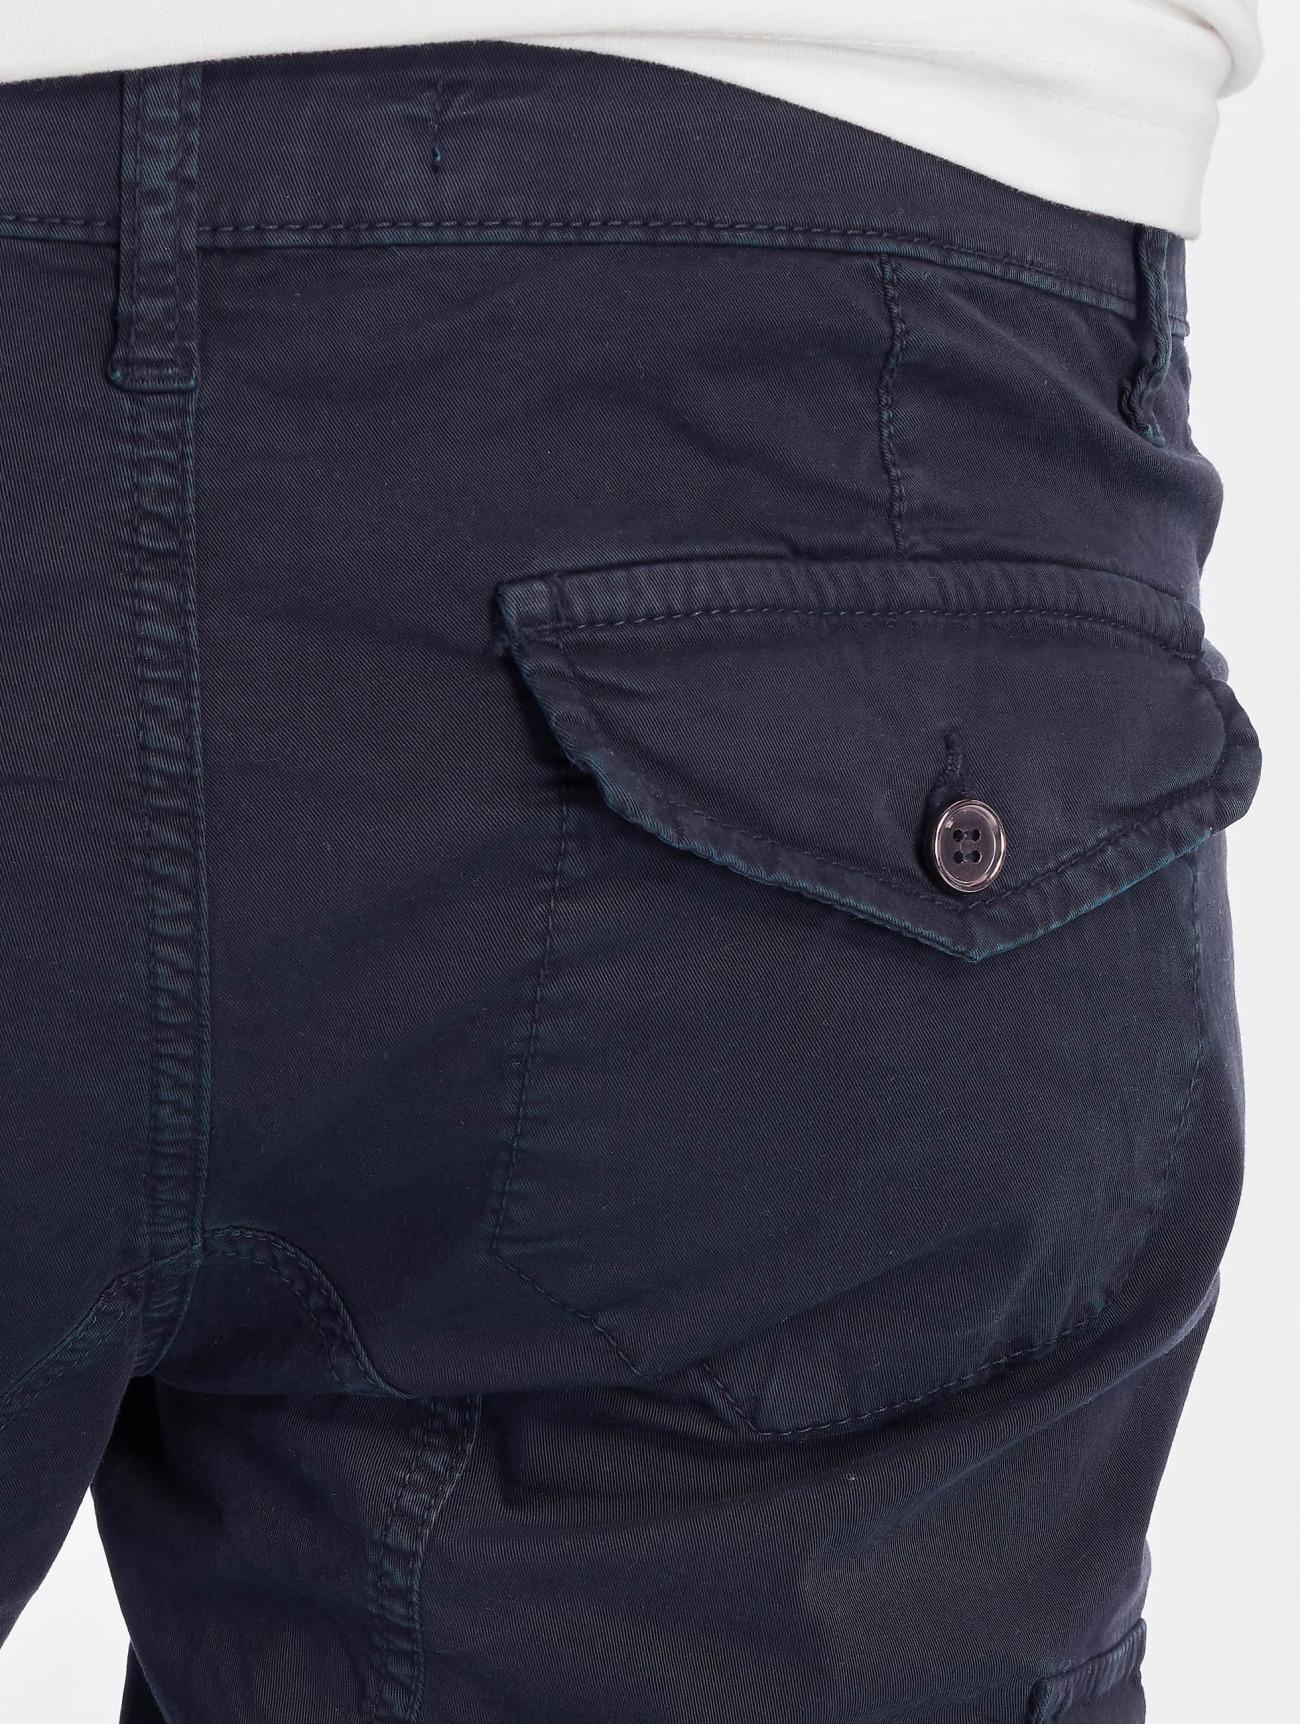 DEF Byxor / Cargo pants Aramis i blå 597017 Män Byxor